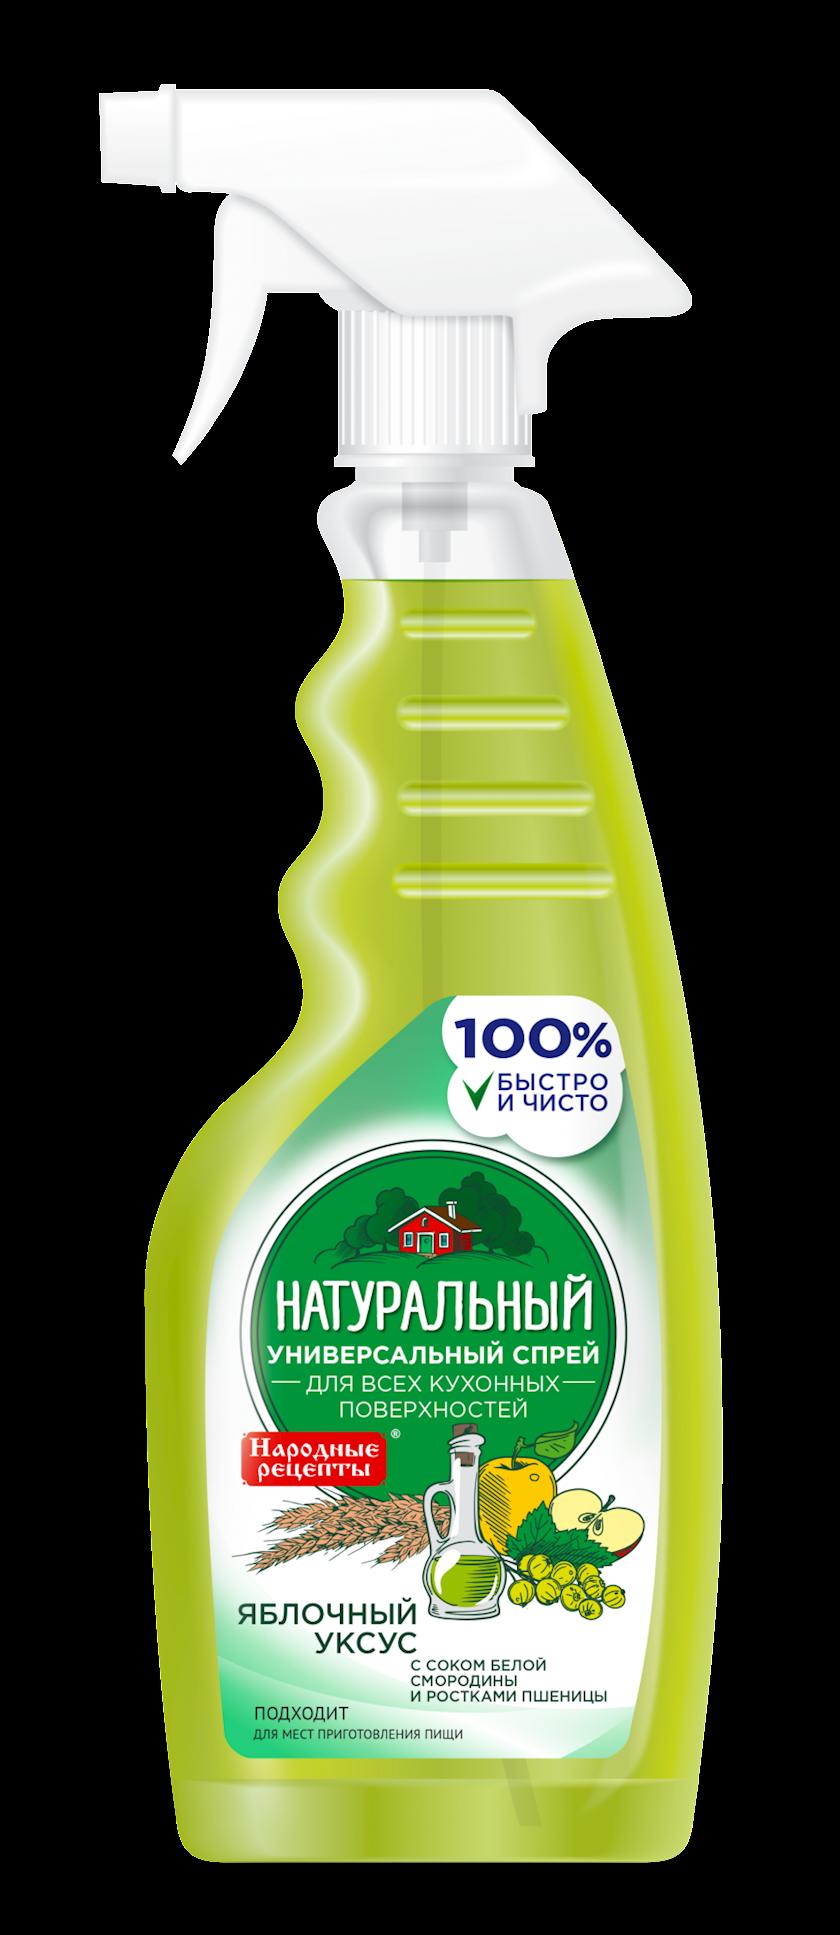 Натуральный универсальный спрей Фитокосметик Народные Рецепты Яблочный Уксус, для всех кухонных поверхностей, 500 мл